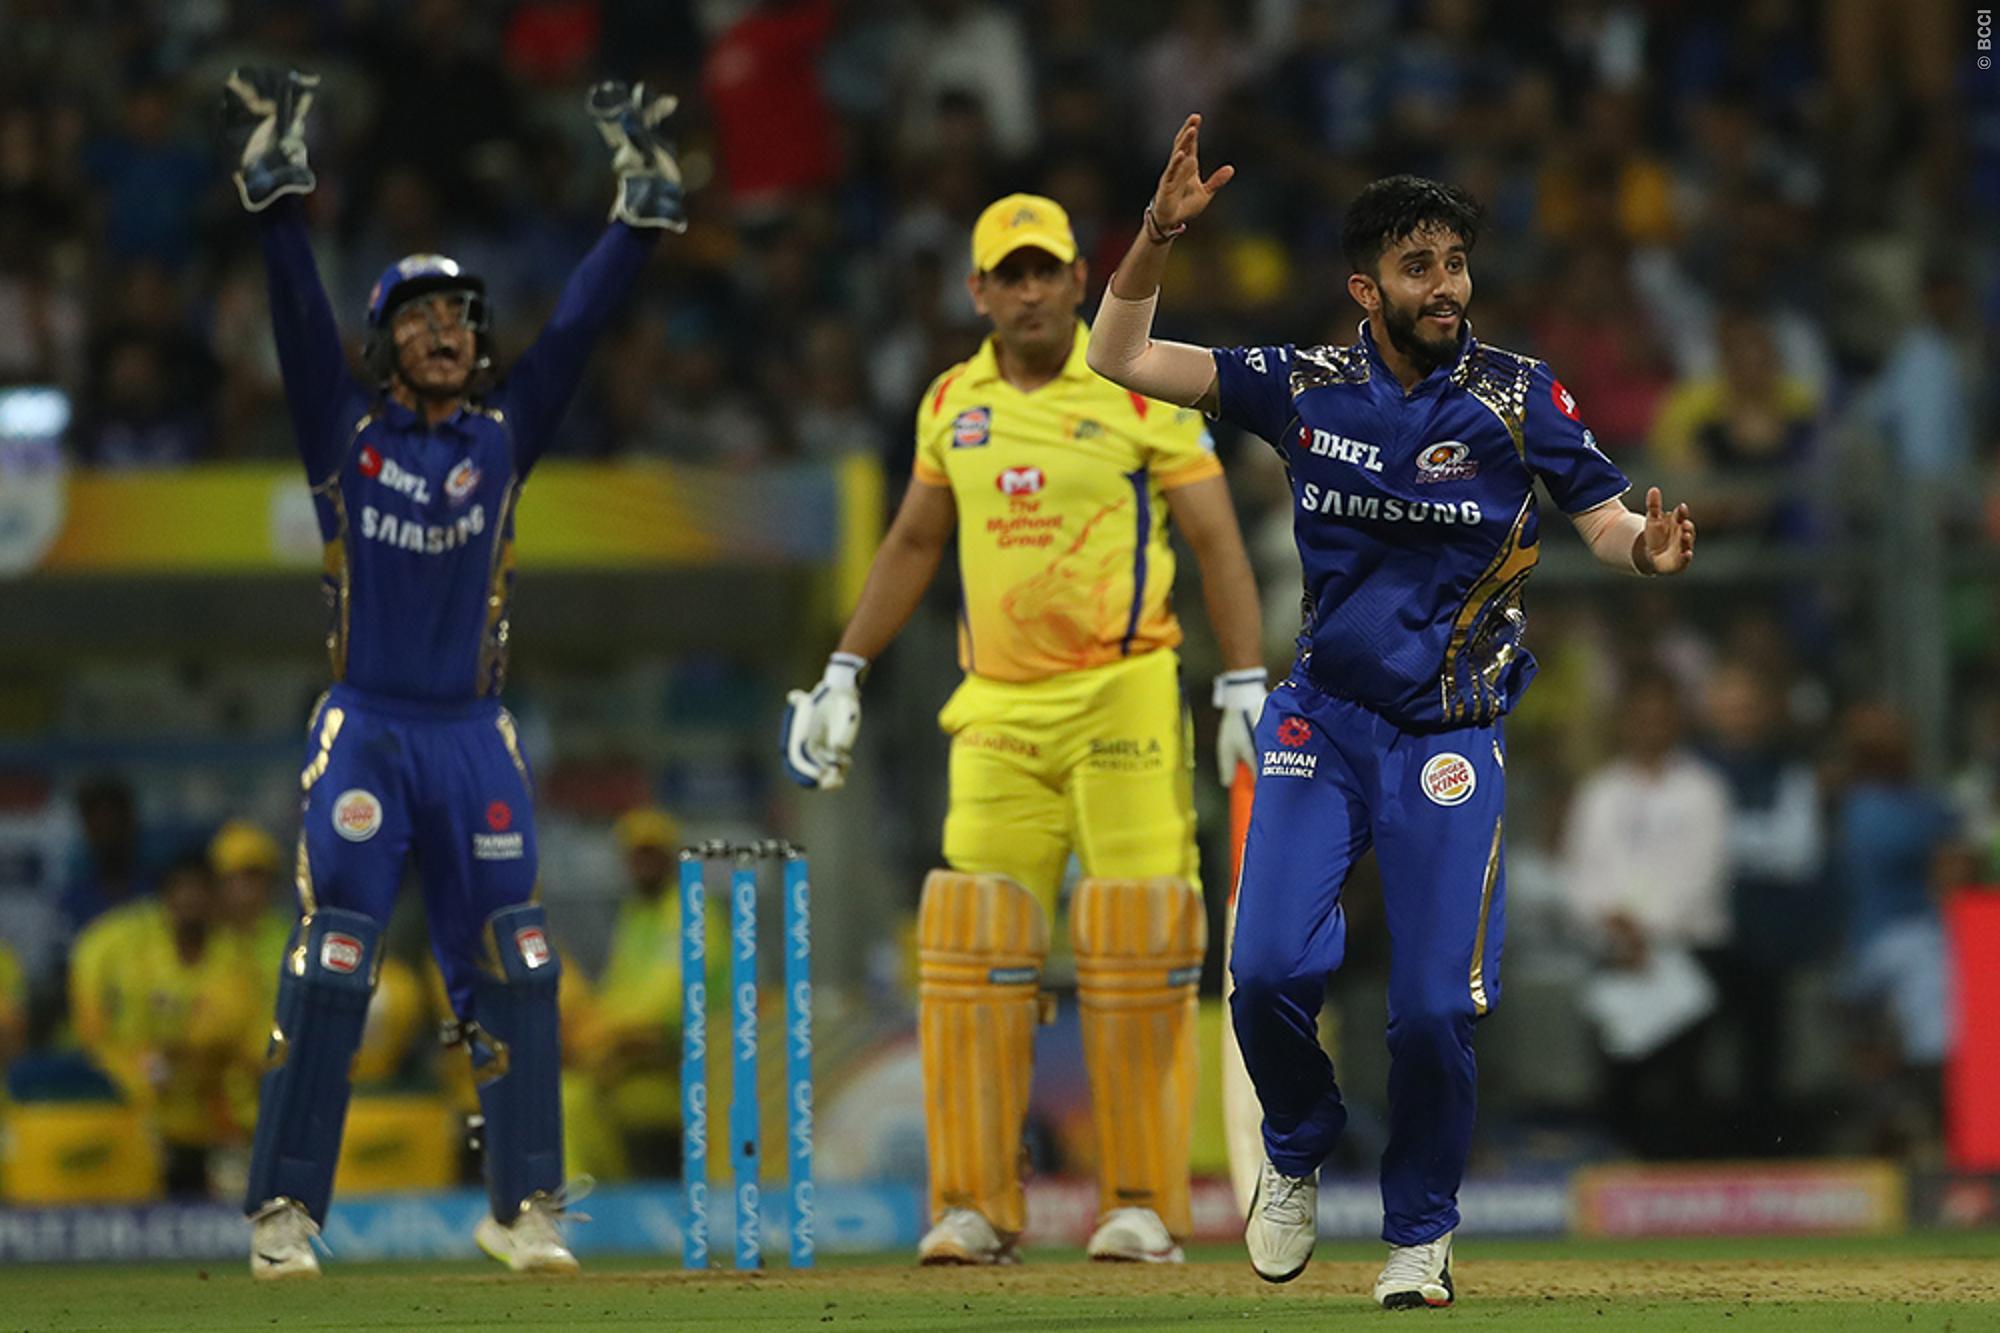 मैच रिपोर्ट: रोहित शर्मा की इस छोटी सी गलती की वजह से अंतिम ओवर में जीता हुआ मैच गंवा बैठी मुंबई इंडियंस 15